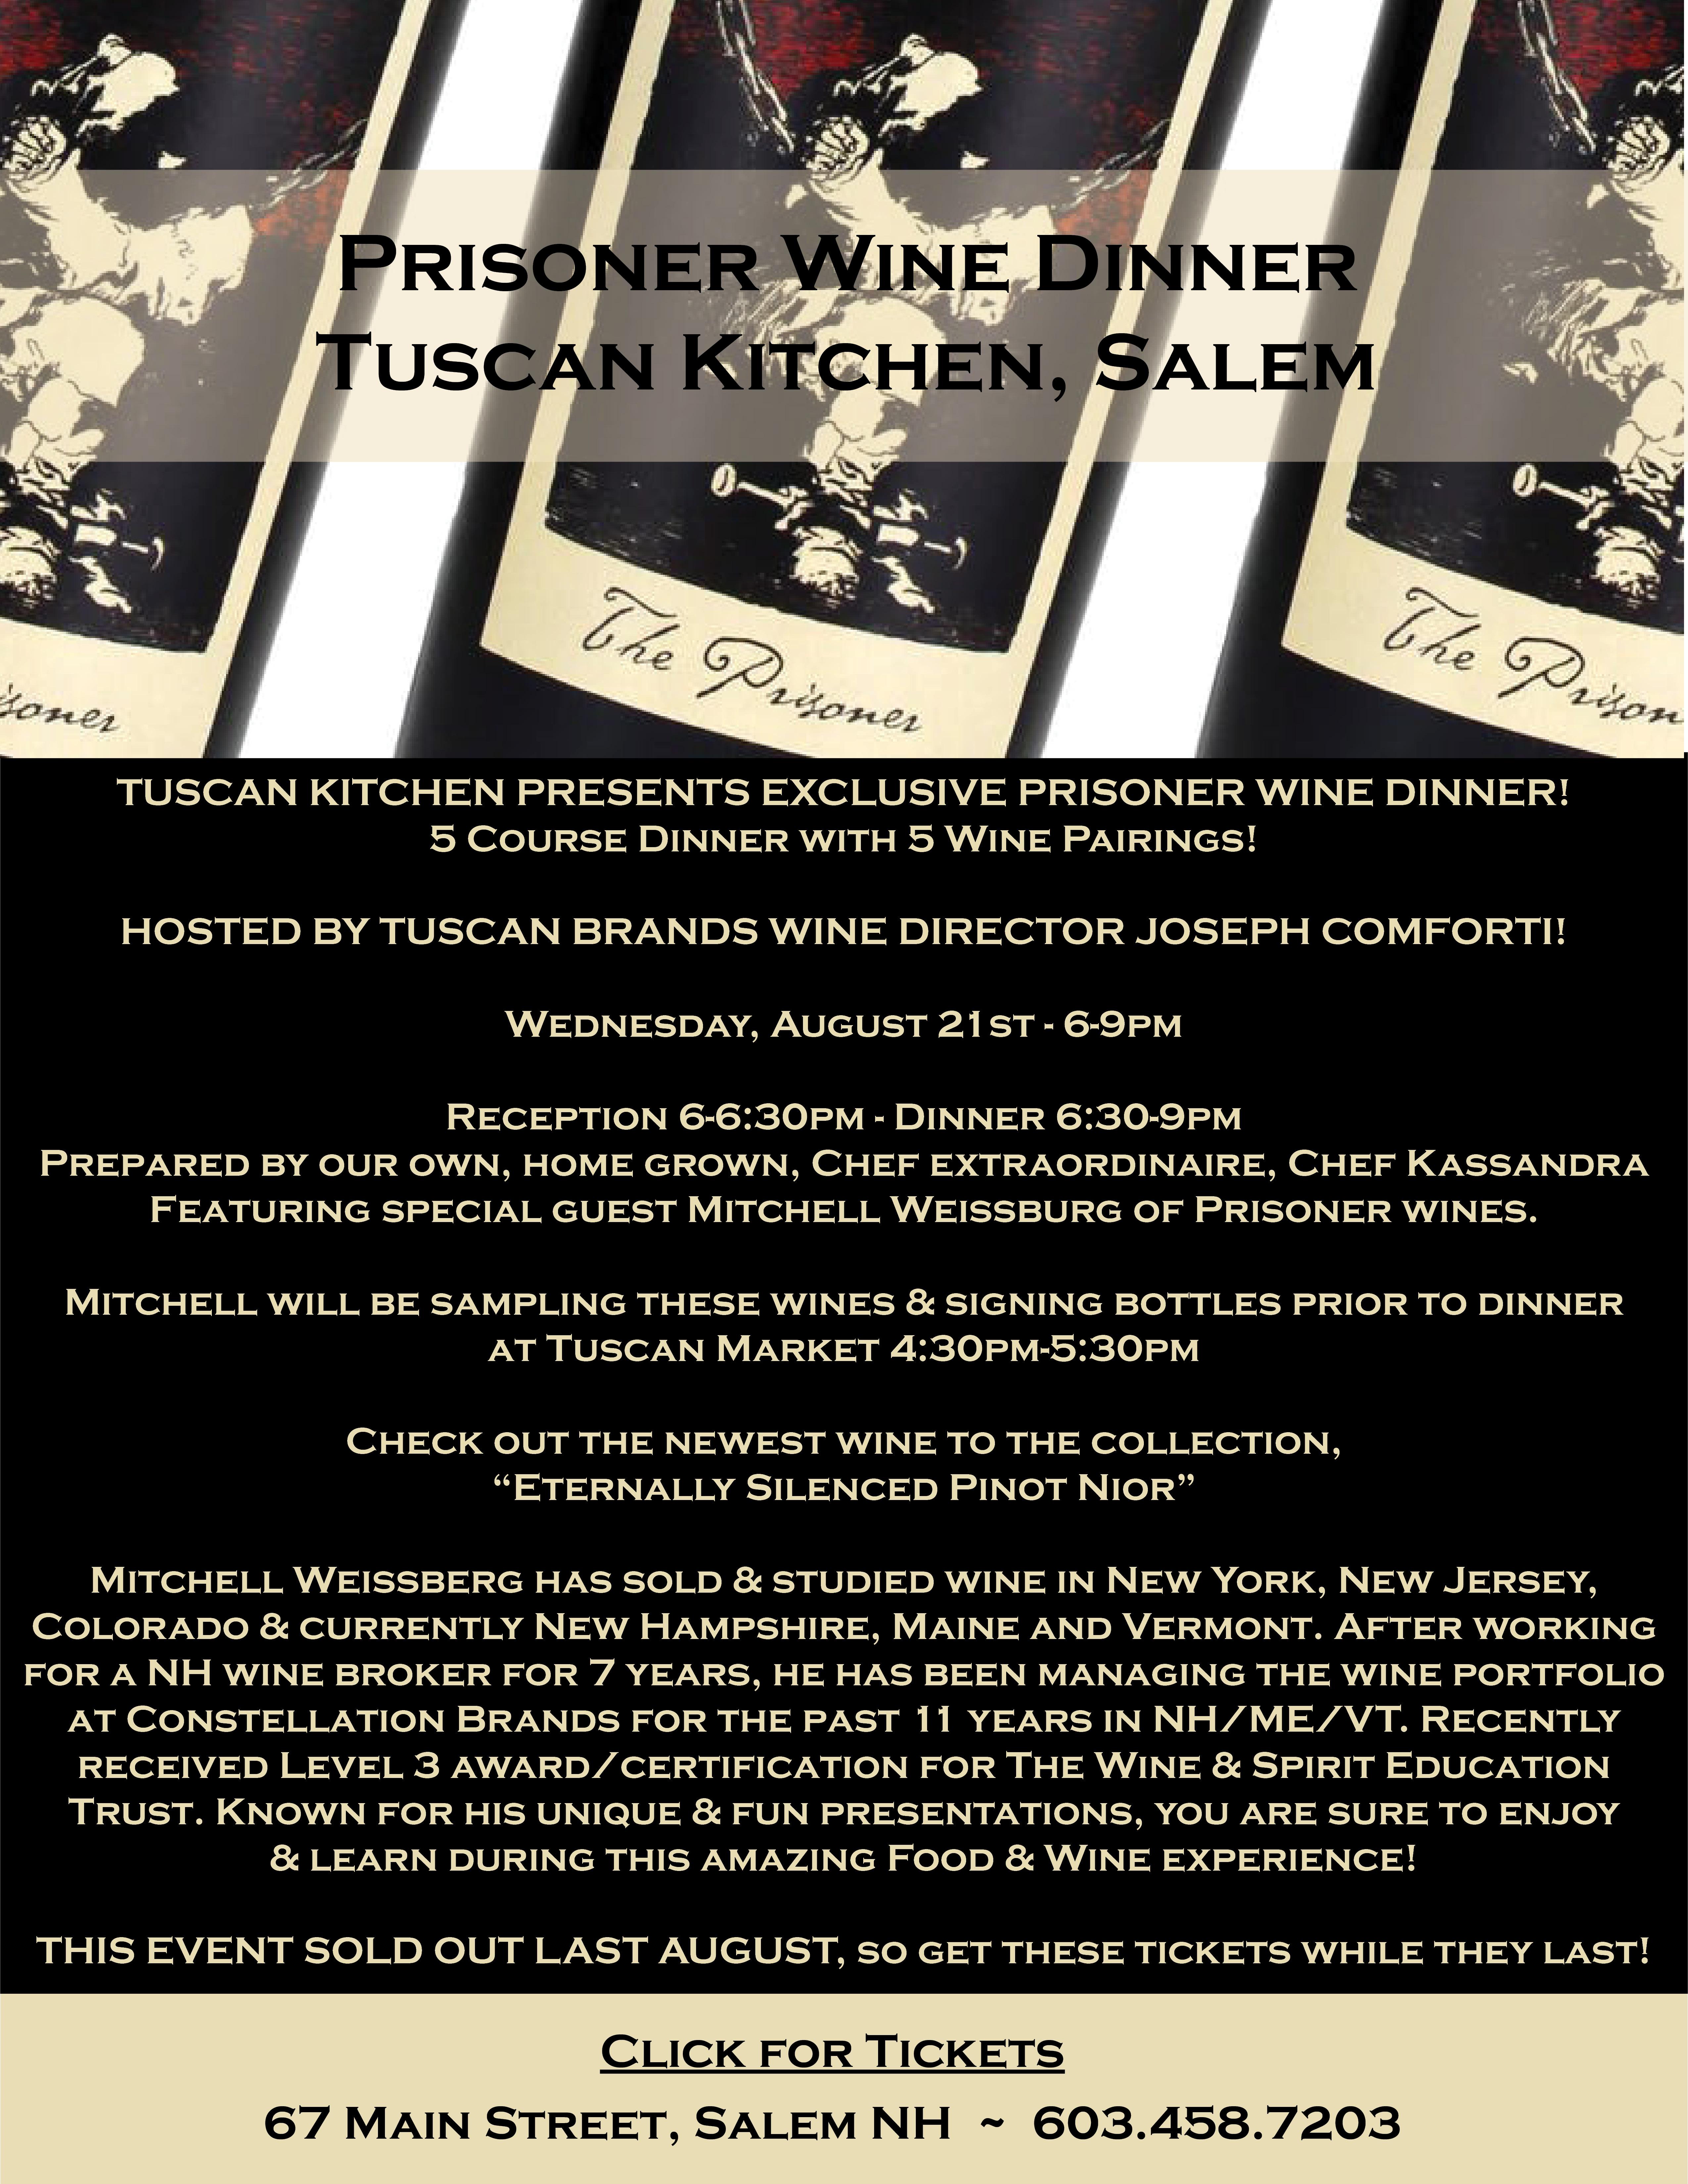 Tuscan-Prisoner-Wine-Dinner.jpg